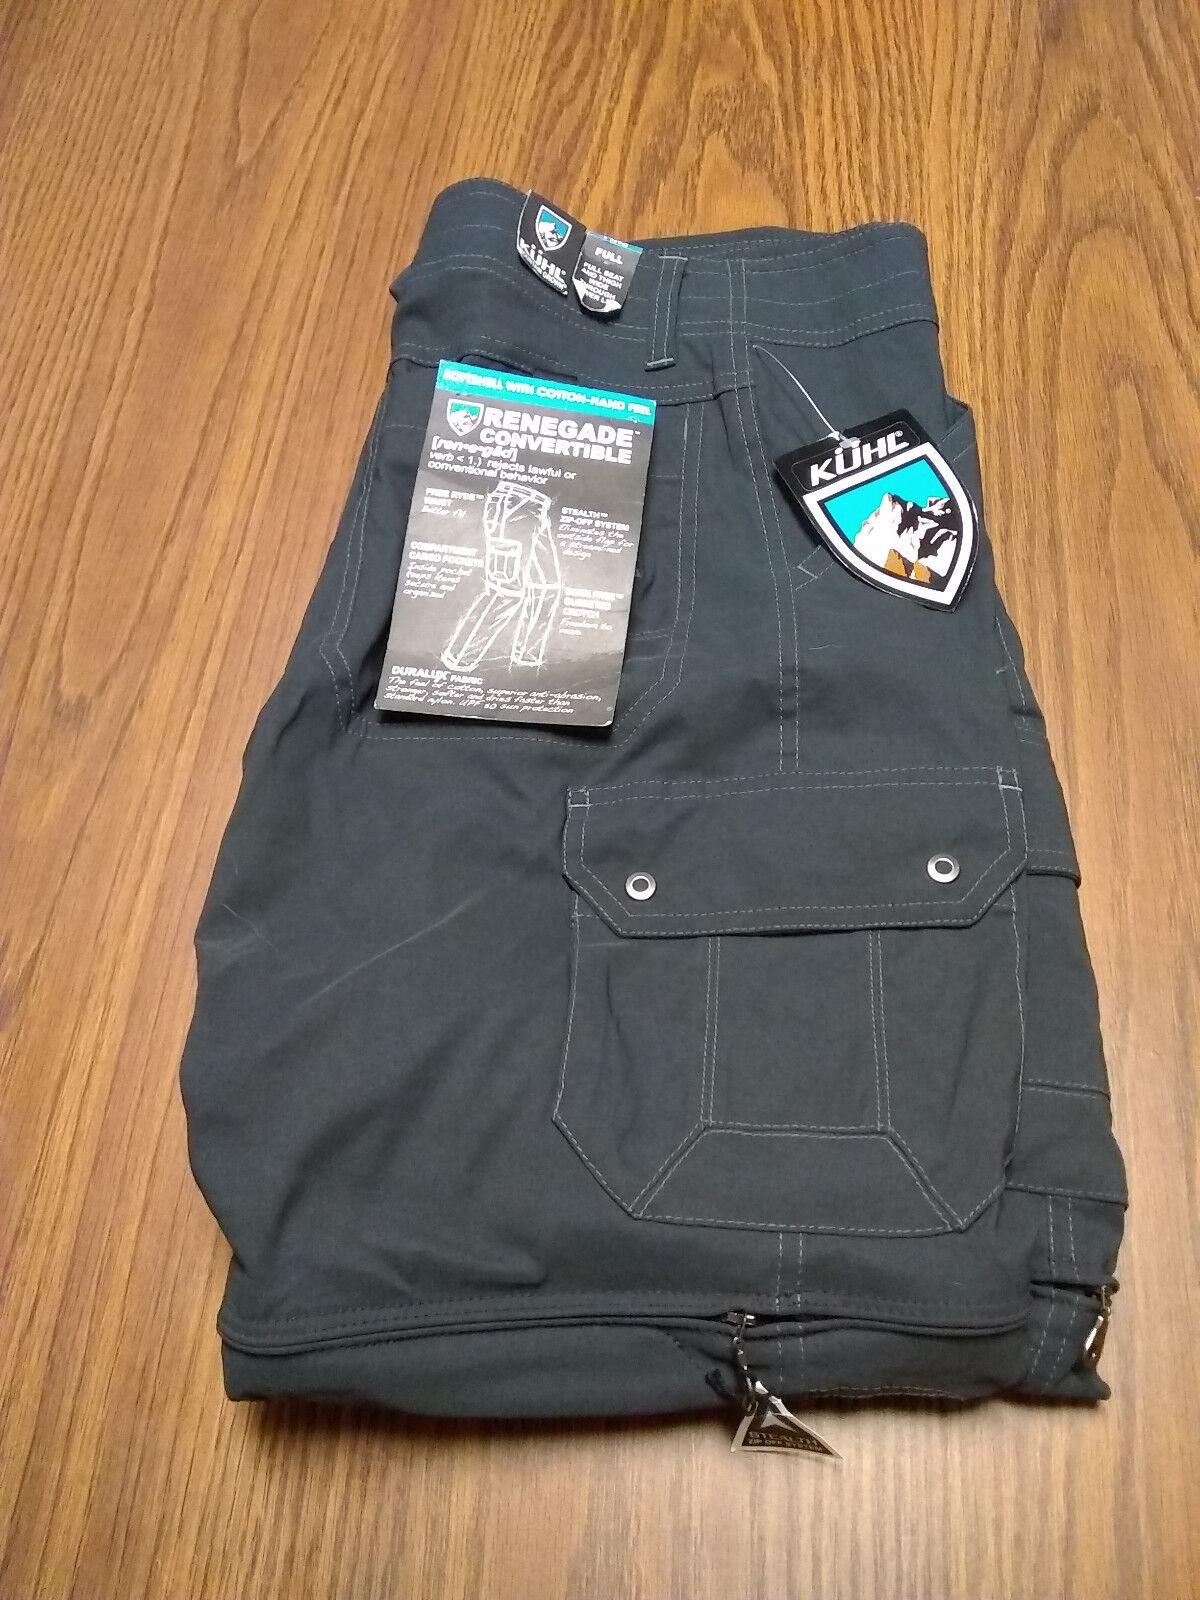 Kuhl renegado Pantalones converdeibles-Para Hombre Calce Completo  Koal 30x32  Nuevo Con Etiquetas   alta calidad y envío rápido